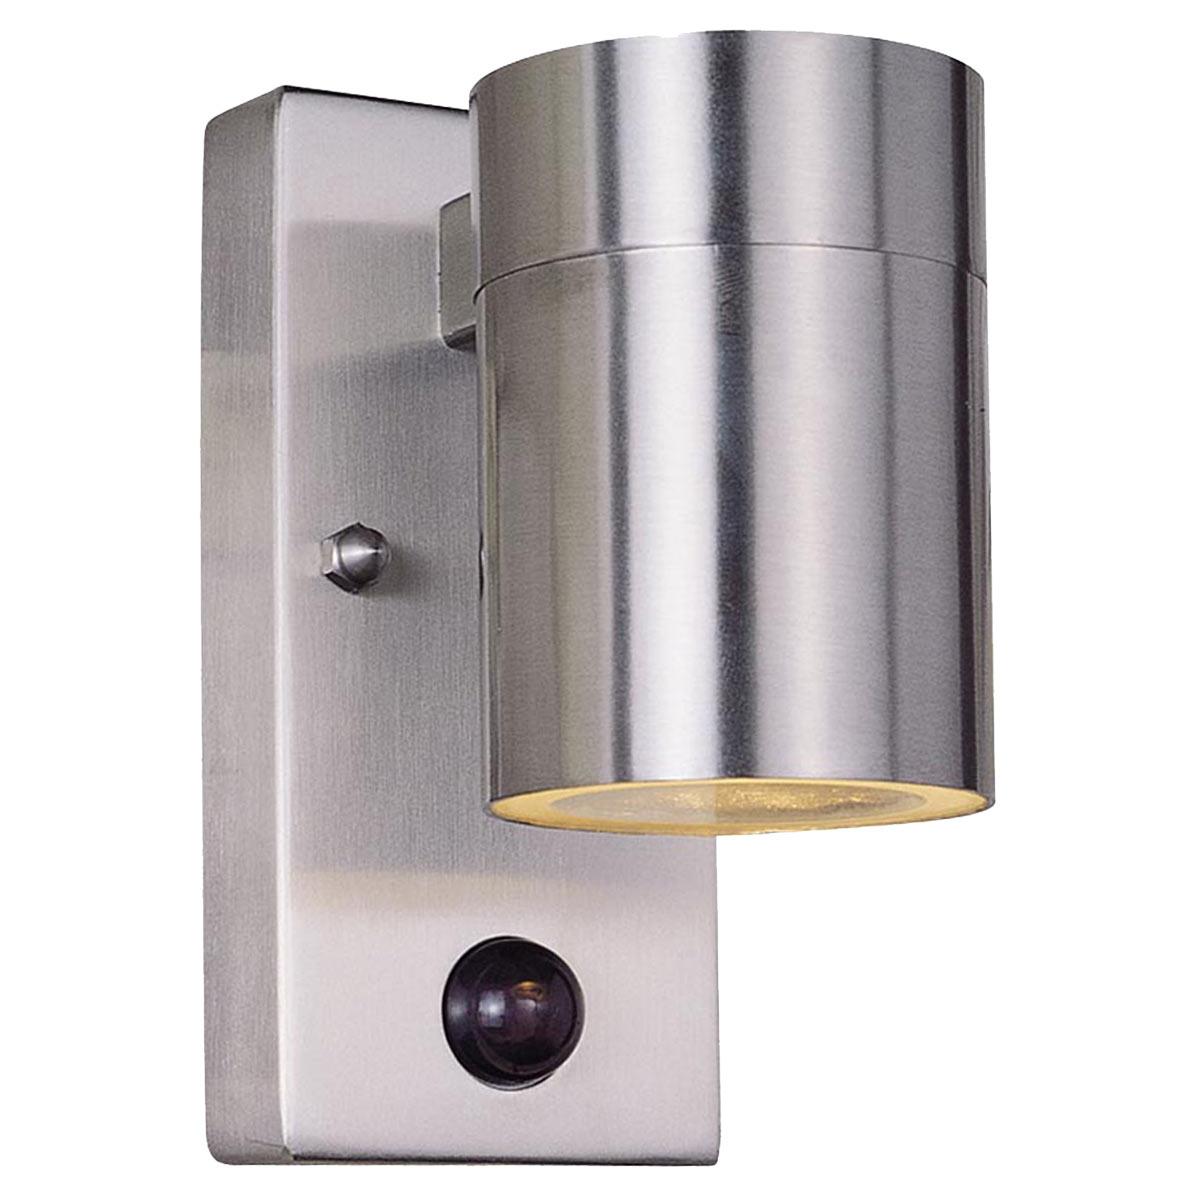 Schijnspot Downlighter sensor